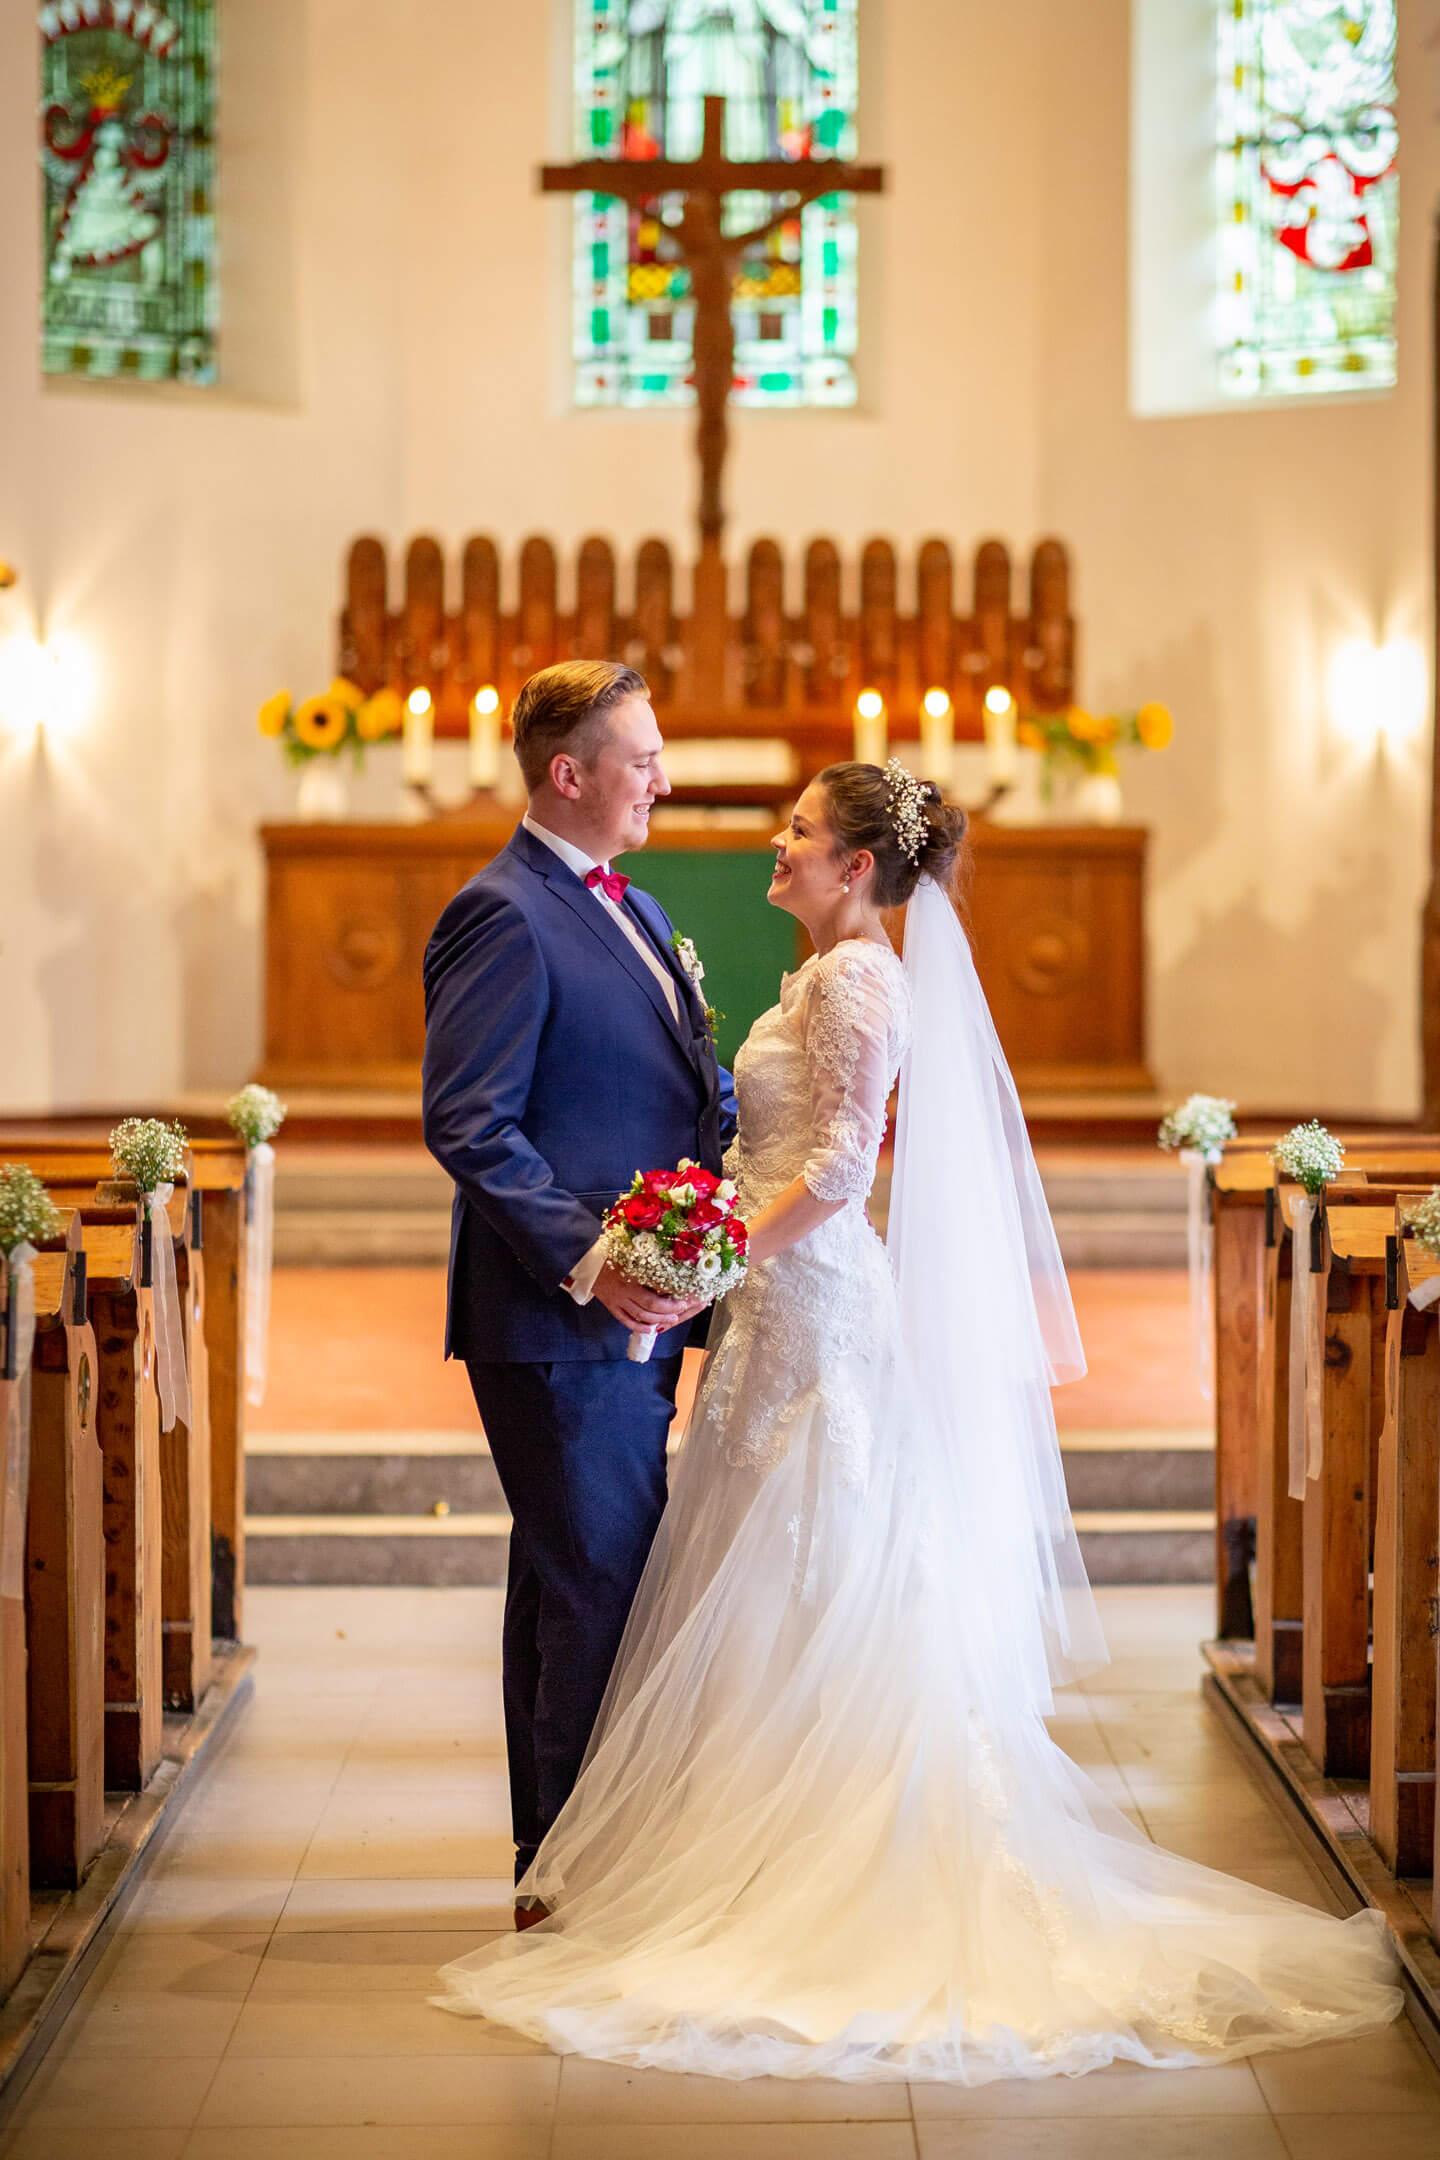 Frisch vermähltes Hochzeitspaar in der Martin Luther Kirche in Trittau. (Fotograf: Florian Läufer, hamburg)